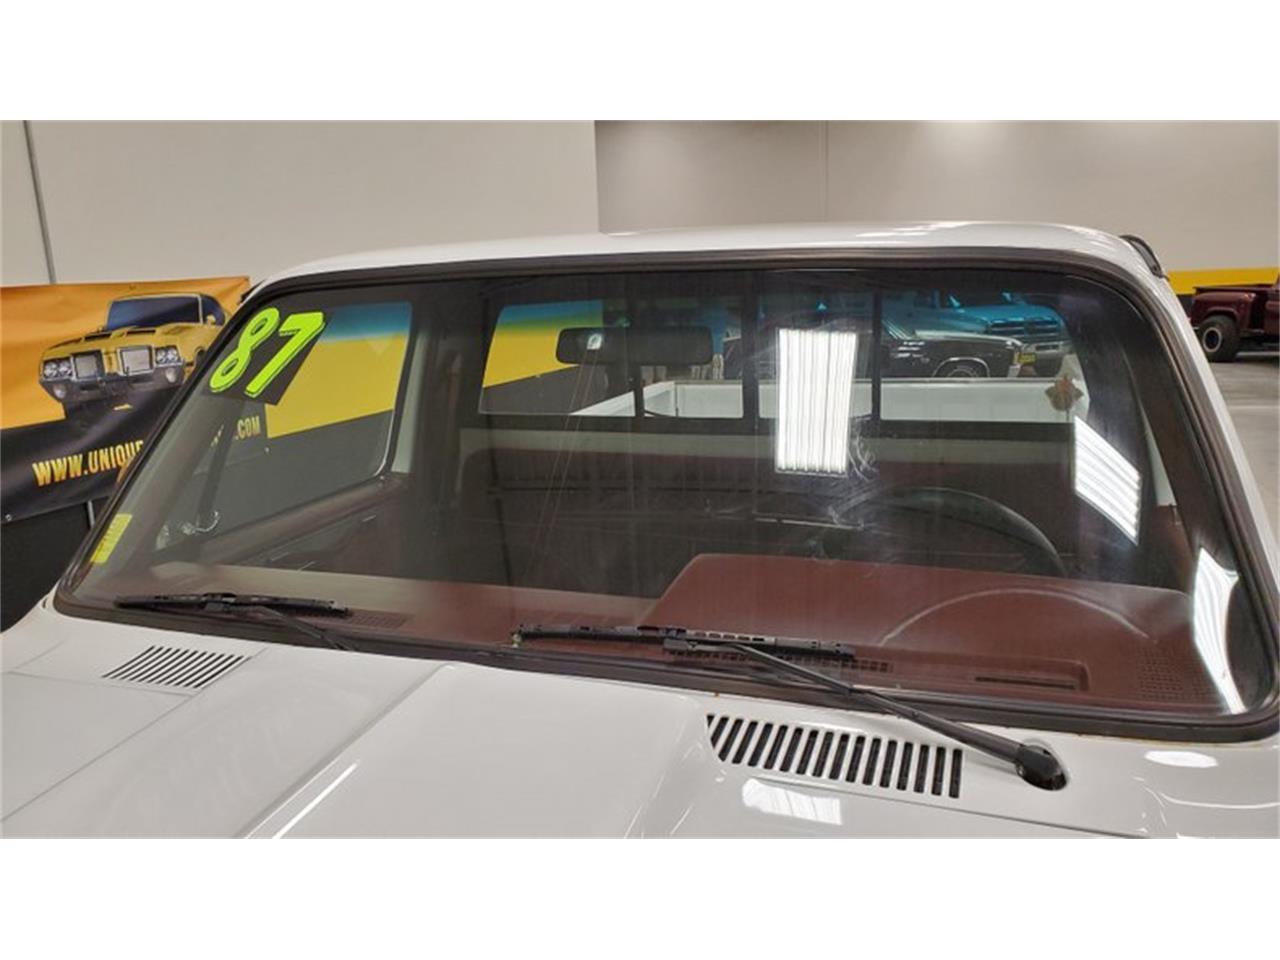 1987 Chevrolet Silverado (CC-1385206) for sale in Mankato, Minnesota